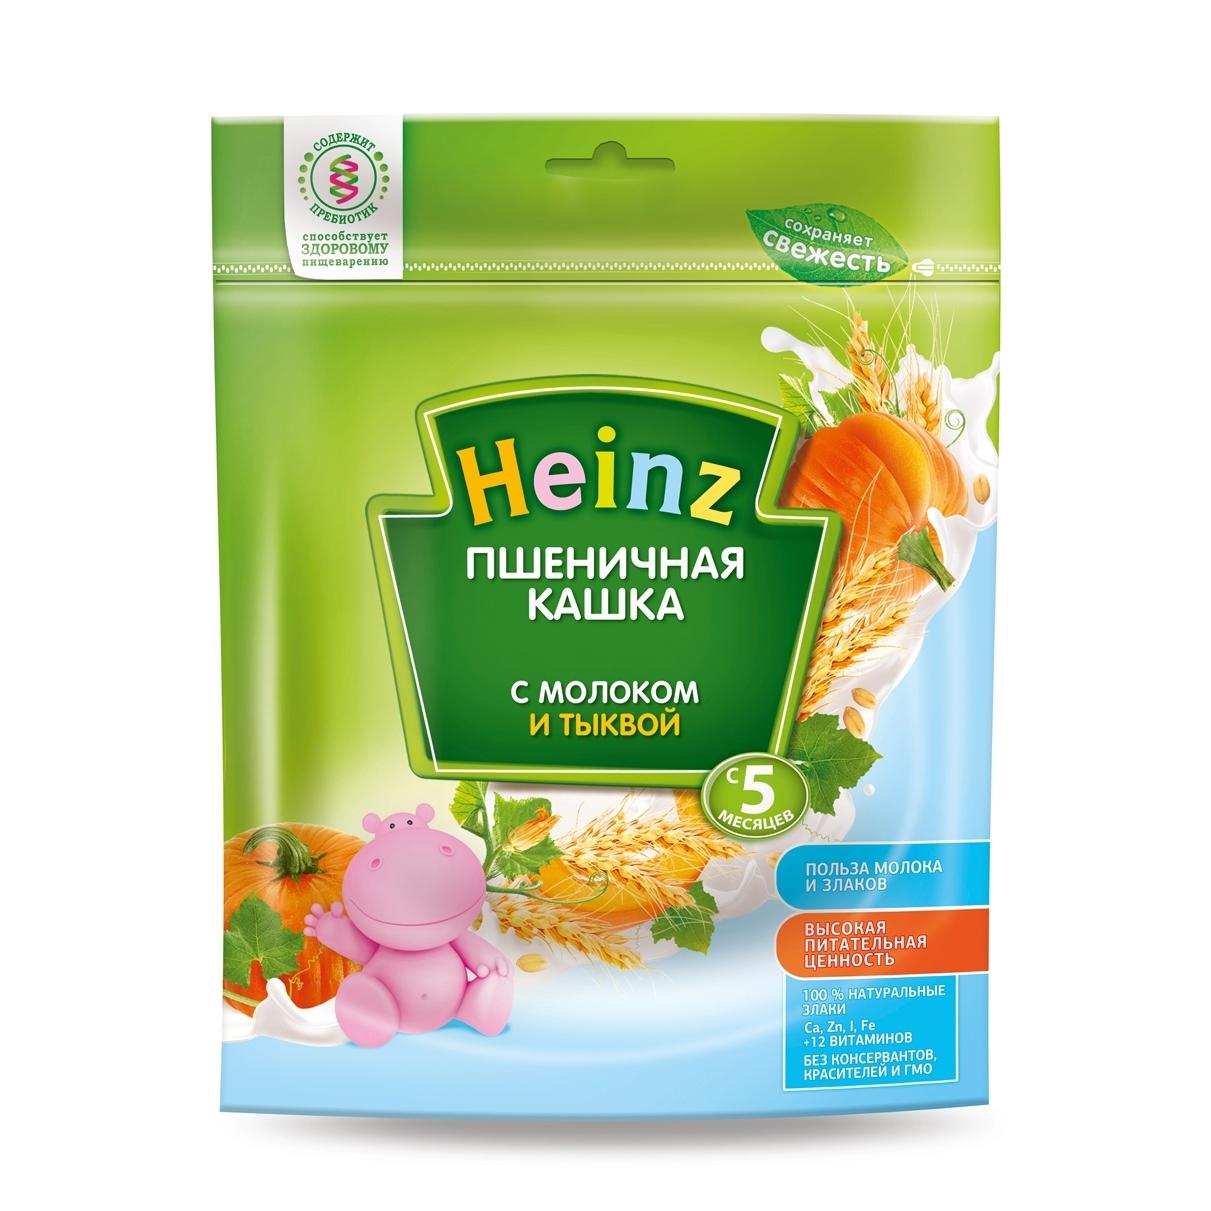 Каша Heinz молочная 250 гр Пшеничная с тыквой (с 5 мес)<br>